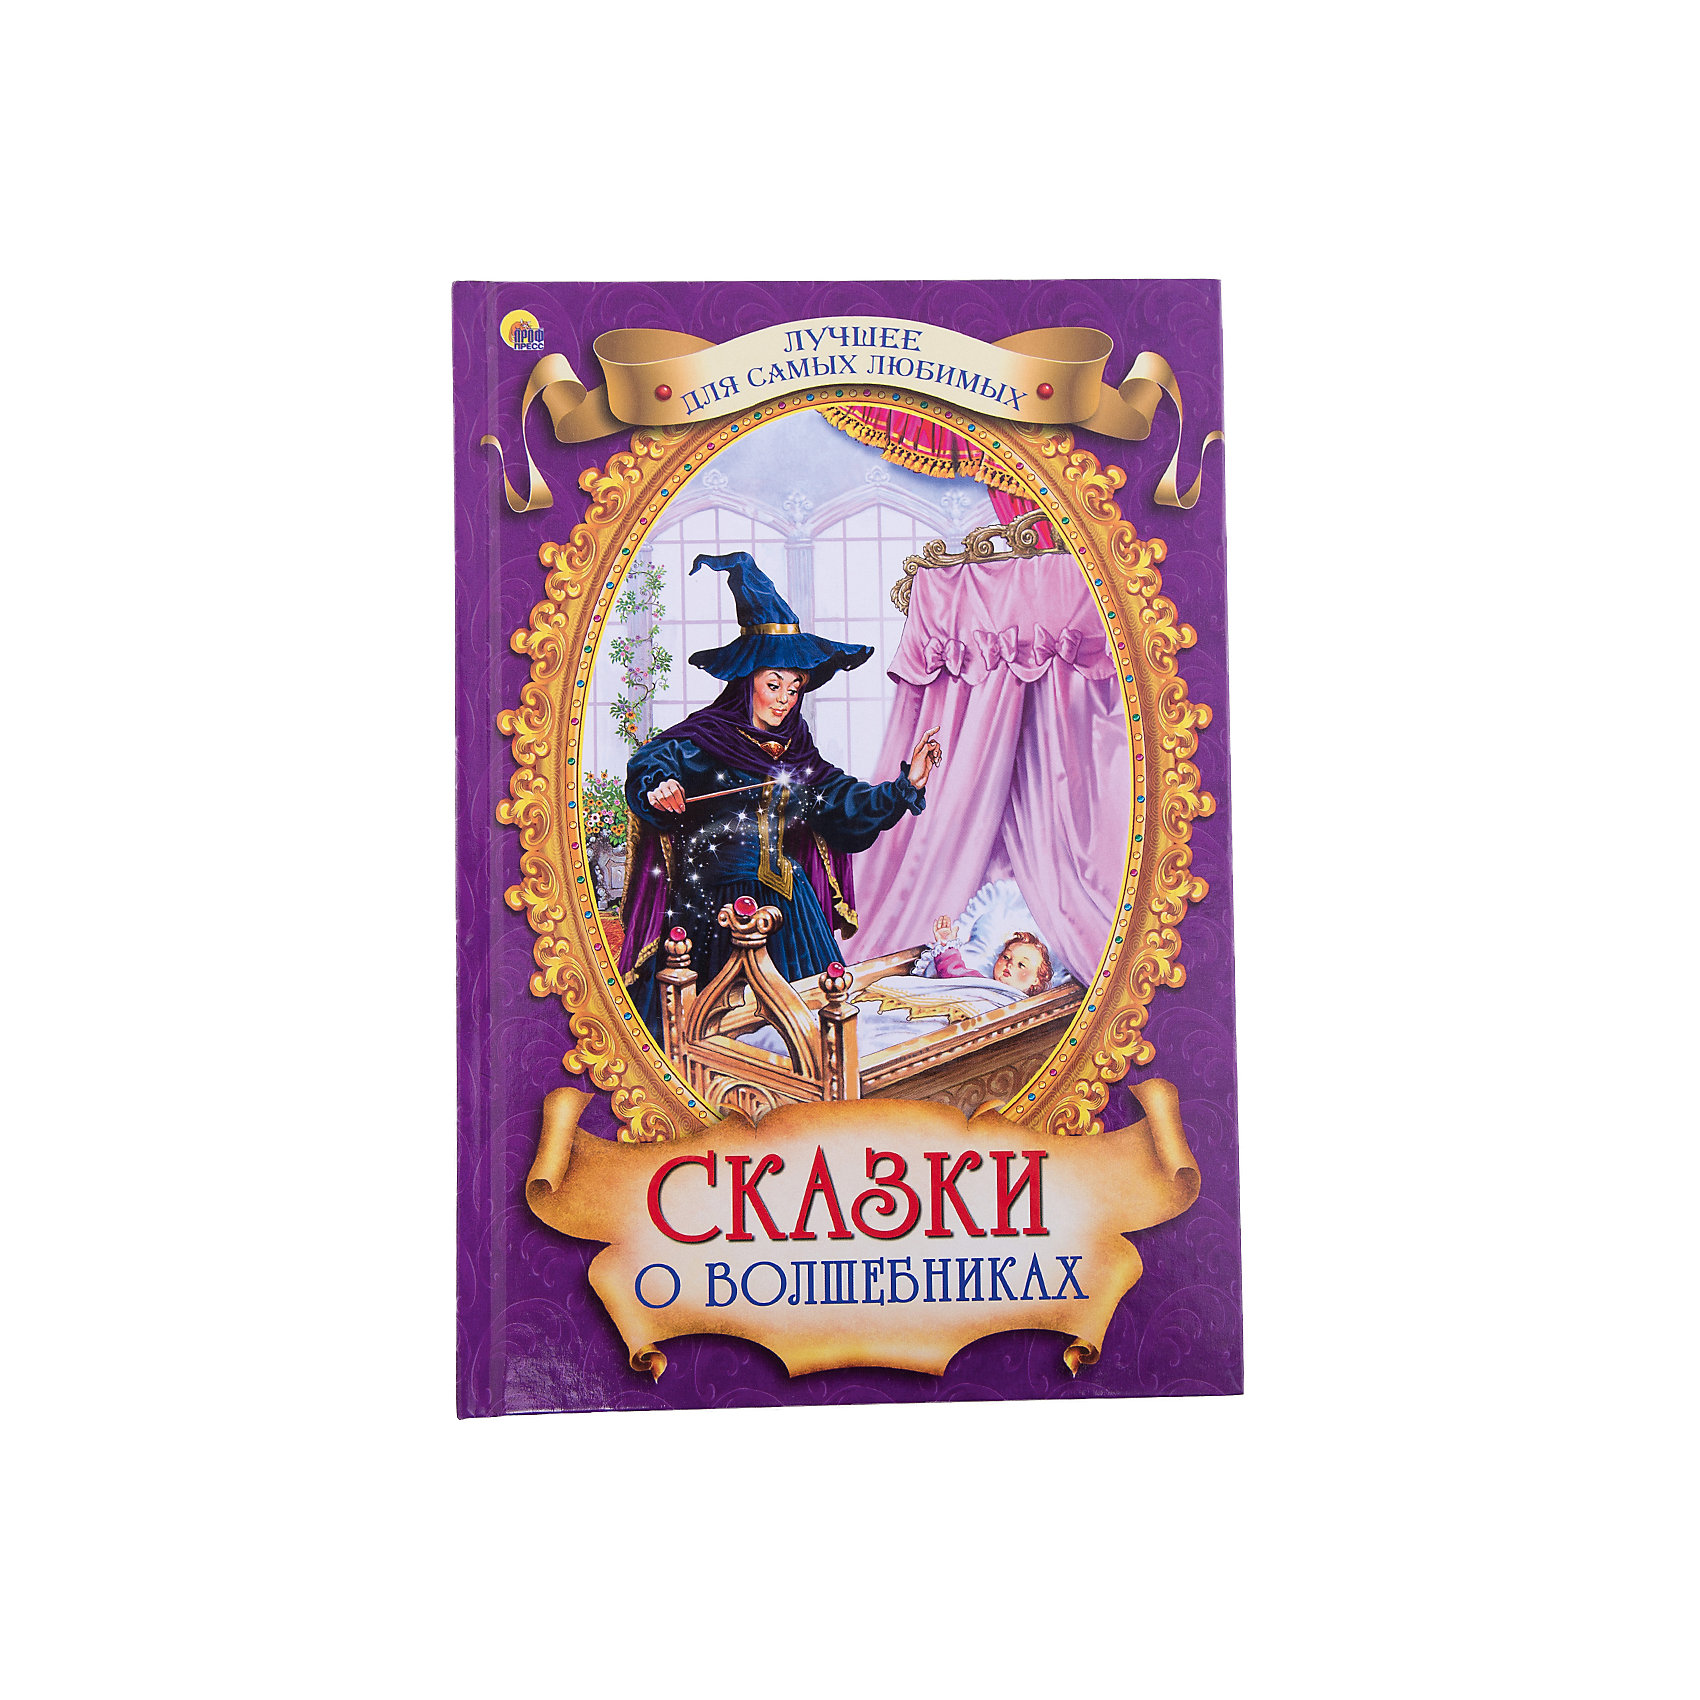 Сборник Сказки о волшебникахСказки о волшебниках.<br>Станет любимой книгой Вашего малыша. Он не раз попросит Вас ее прочитать, а когда вырастет - с удовольствием выучит ее наизусть!<br><br>Дополнительная информация:<br><br>Переплет:7БЦ<br> Кол-во страниц: 128<br><br>Станет прекрасным подарком Вашему малышу!<br>Легко приобрести в нашем интернет-магазине!<br><br>Ширина мм: 170<br>Глубина мм: 25<br>Высота мм: 246<br>Вес г: 280<br>Возраст от месяцев: 60<br>Возраст до месяцев: 96<br>Пол: Унисекс<br>Возраст: Детский<br>SKU: 3362514